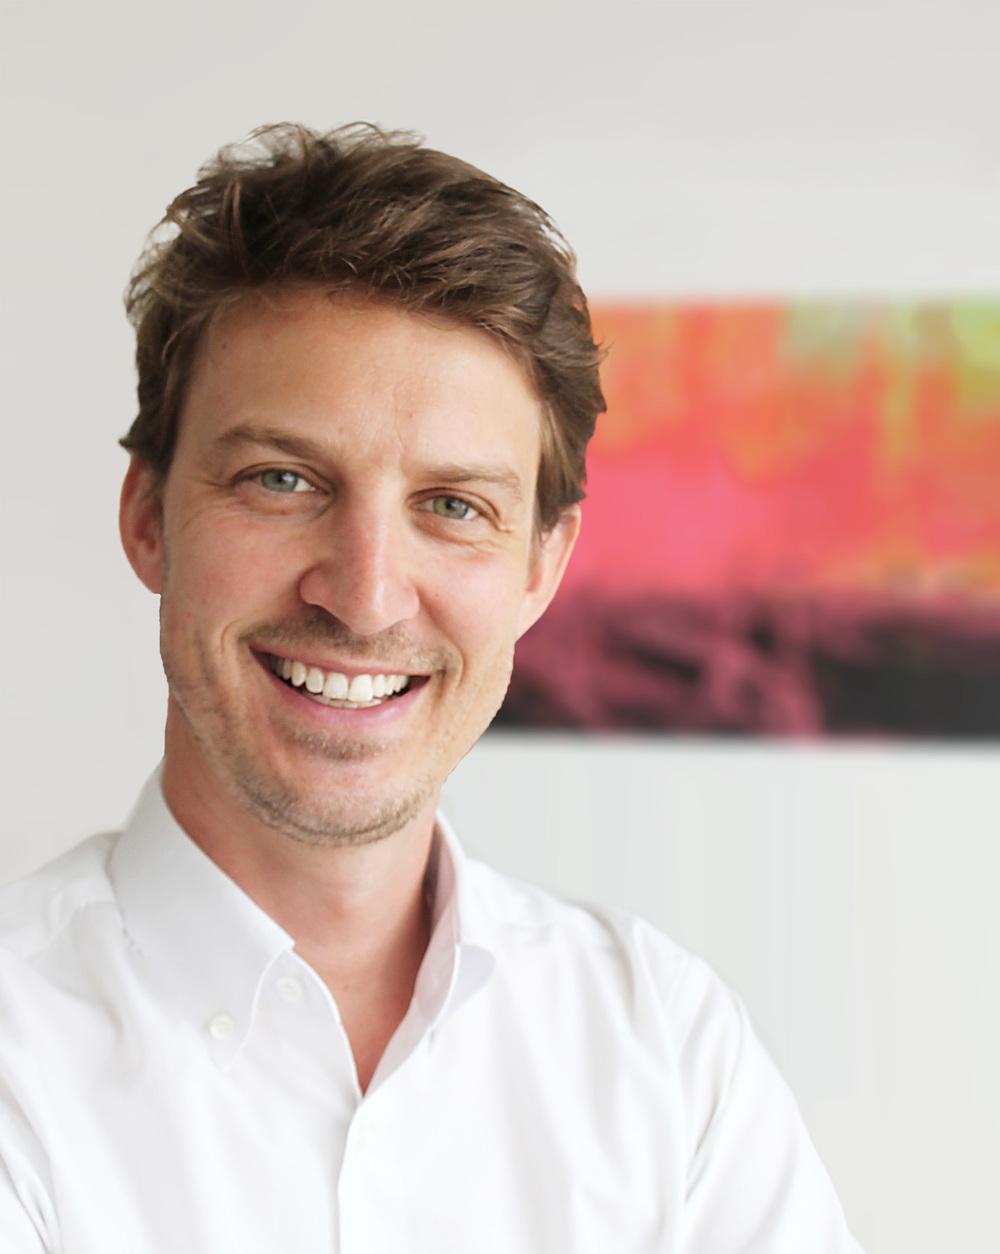 Daniel Zeisner